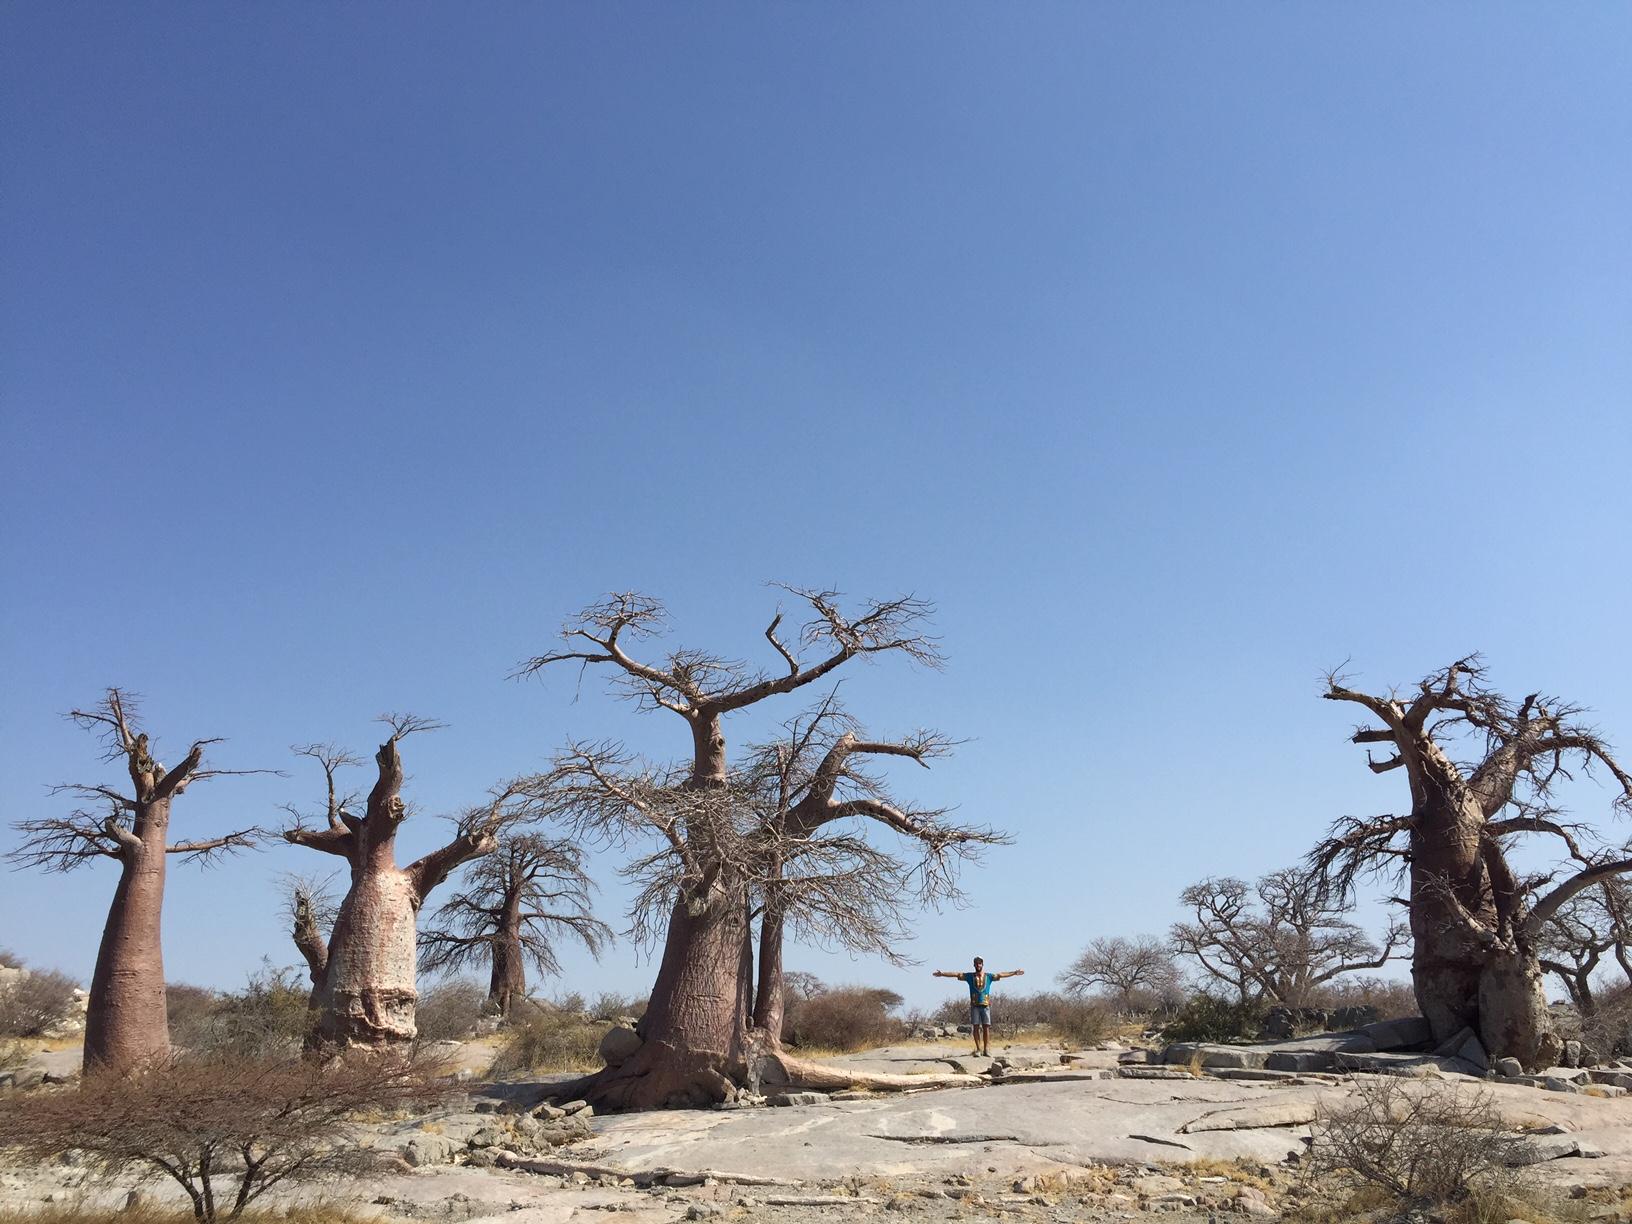 Non Gogoa Han Zangoa Baobabs